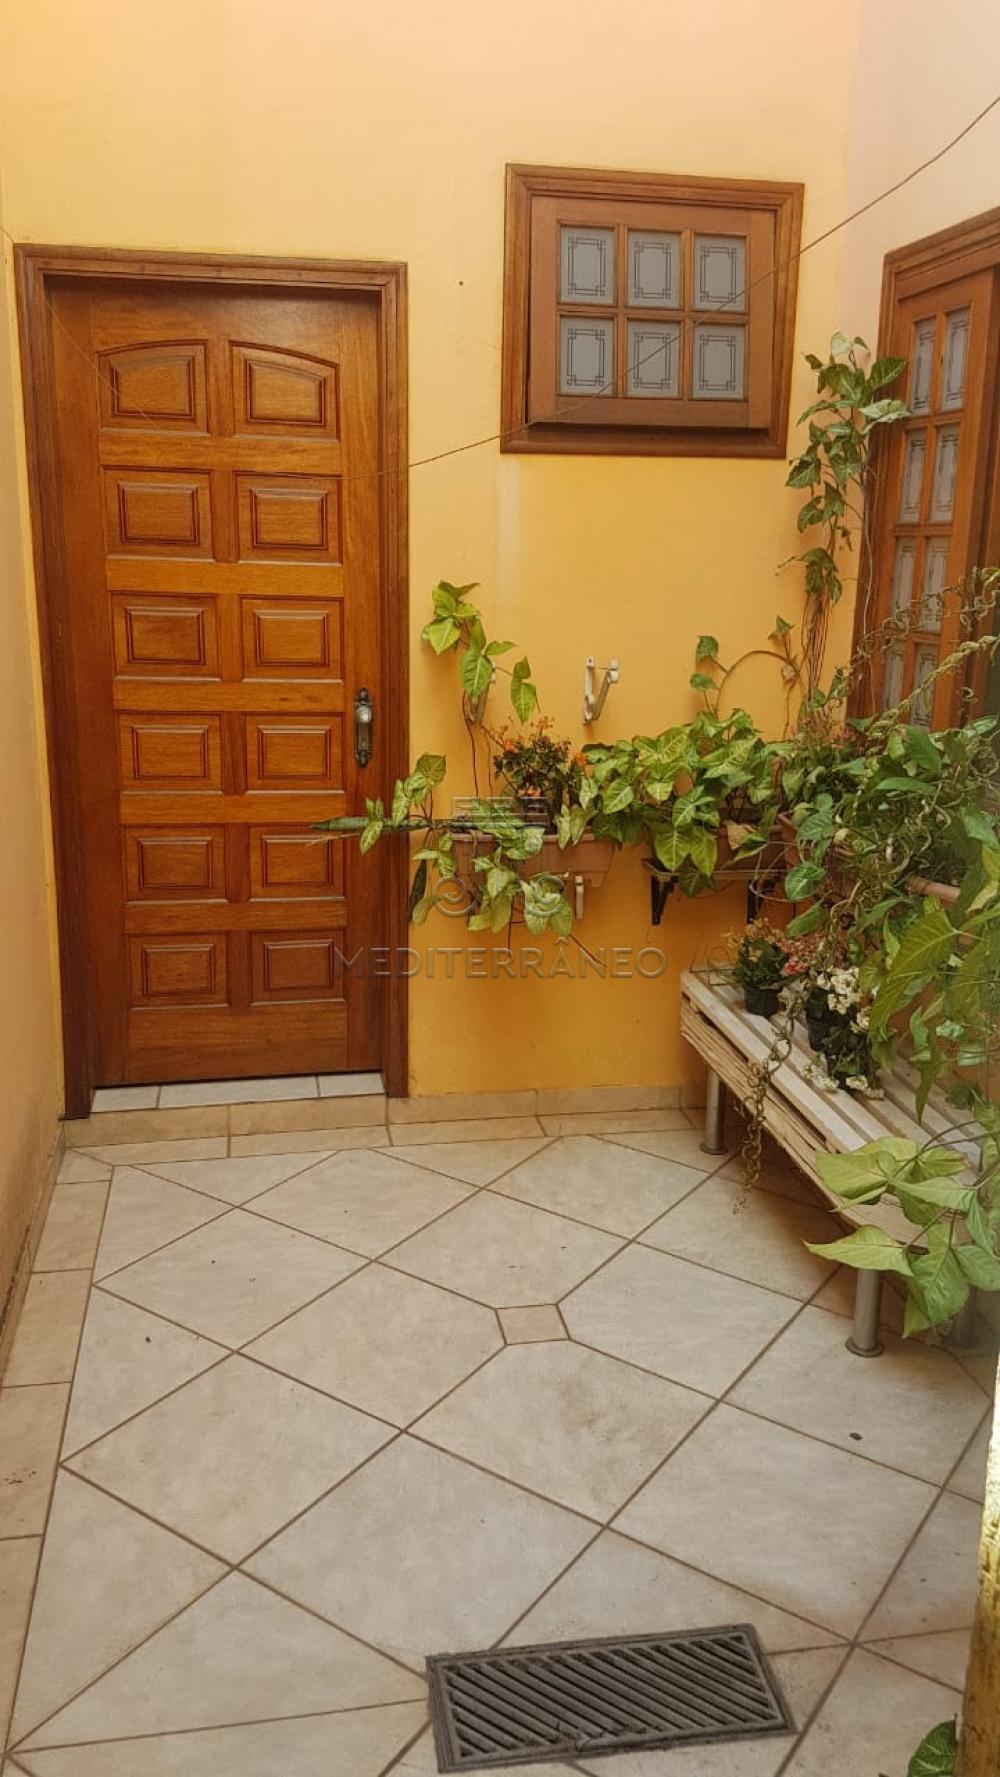 Comprar Casa / Sobrado em Jundiaí apenas R$ 750.000,00 - Foto 15